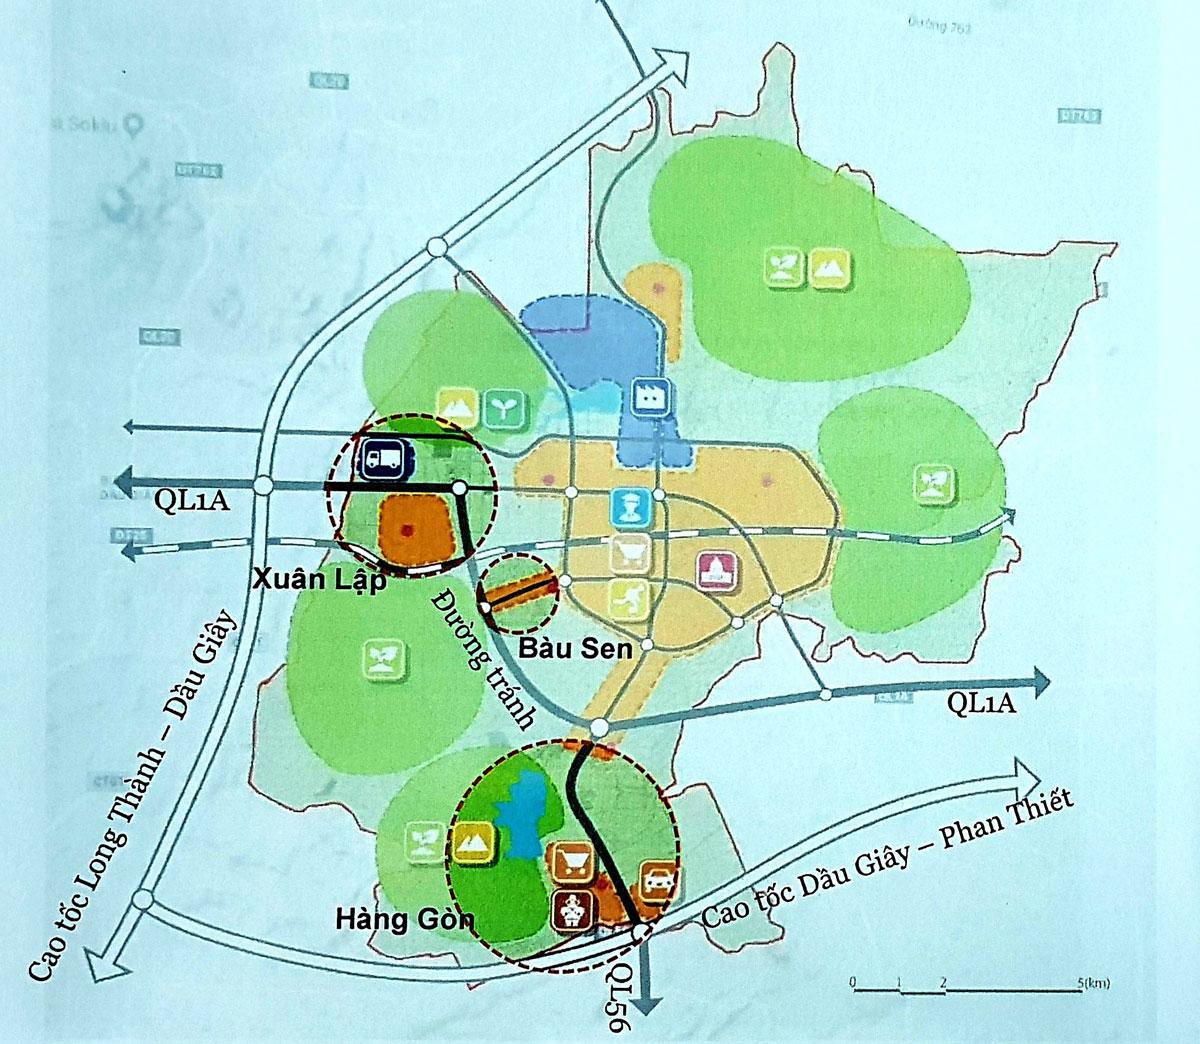 Cao tốc Phan Thiết Dầu Giây - TIẾN ĐỘ THI CÔNG CAO TỐC PHAN THIẾT – DẦU GIÂY MỚI NHẤT 2021